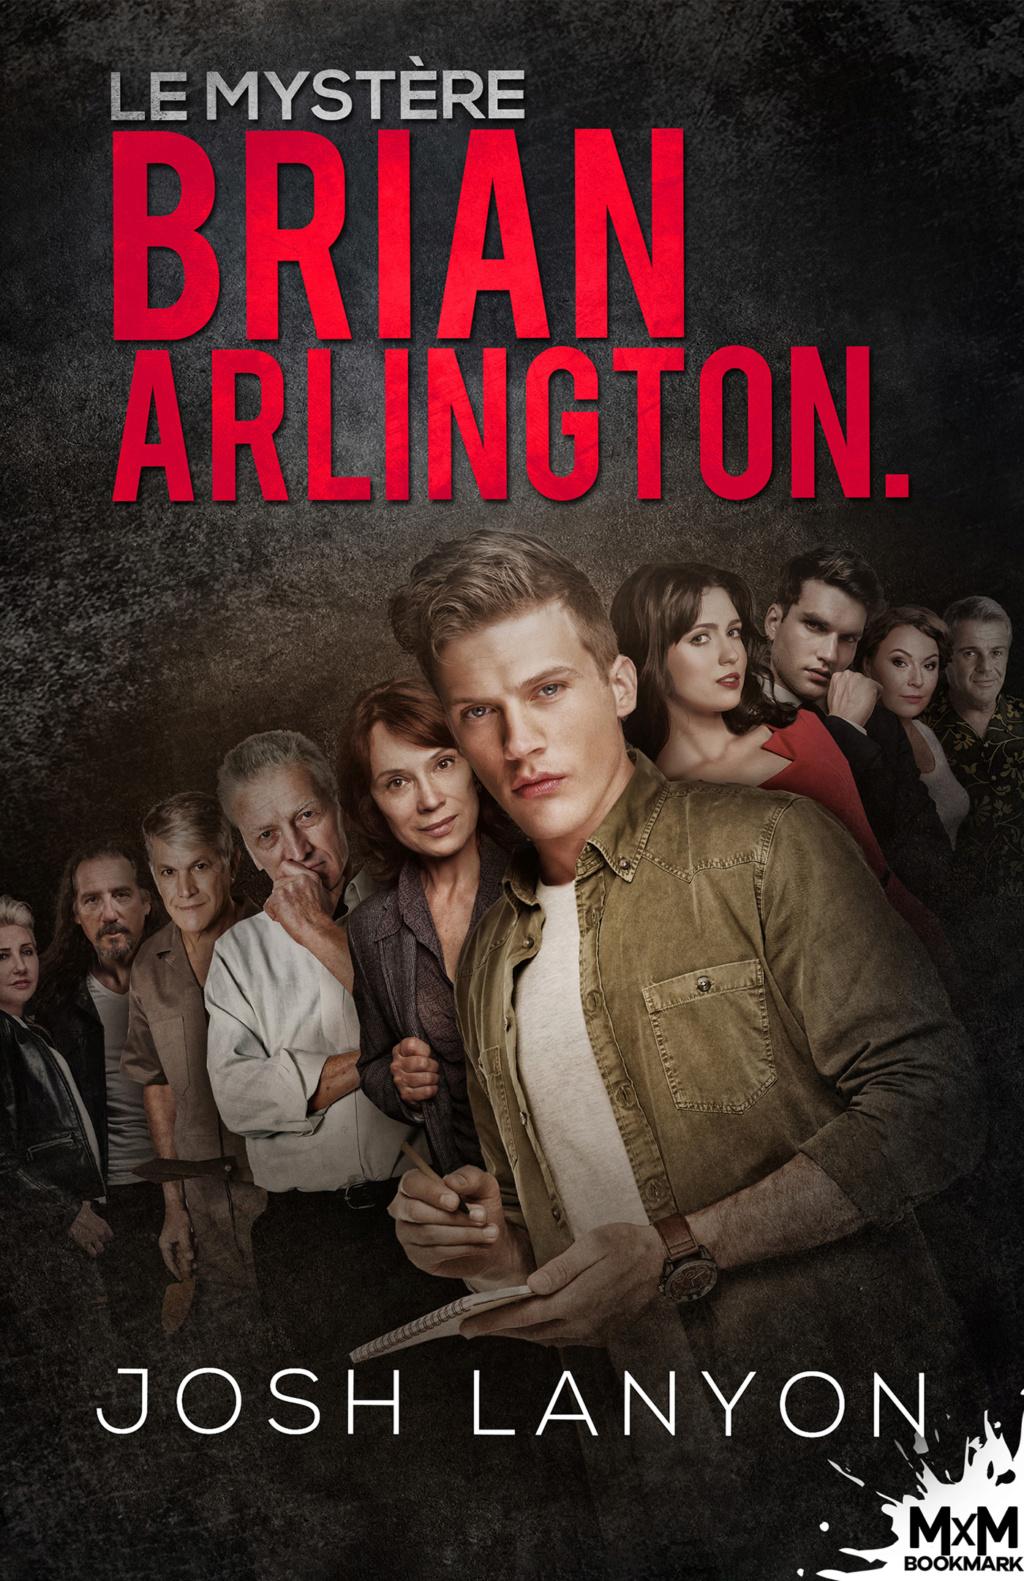 Le mystère Brian Arlington de Josh Lanyon Le-mys10